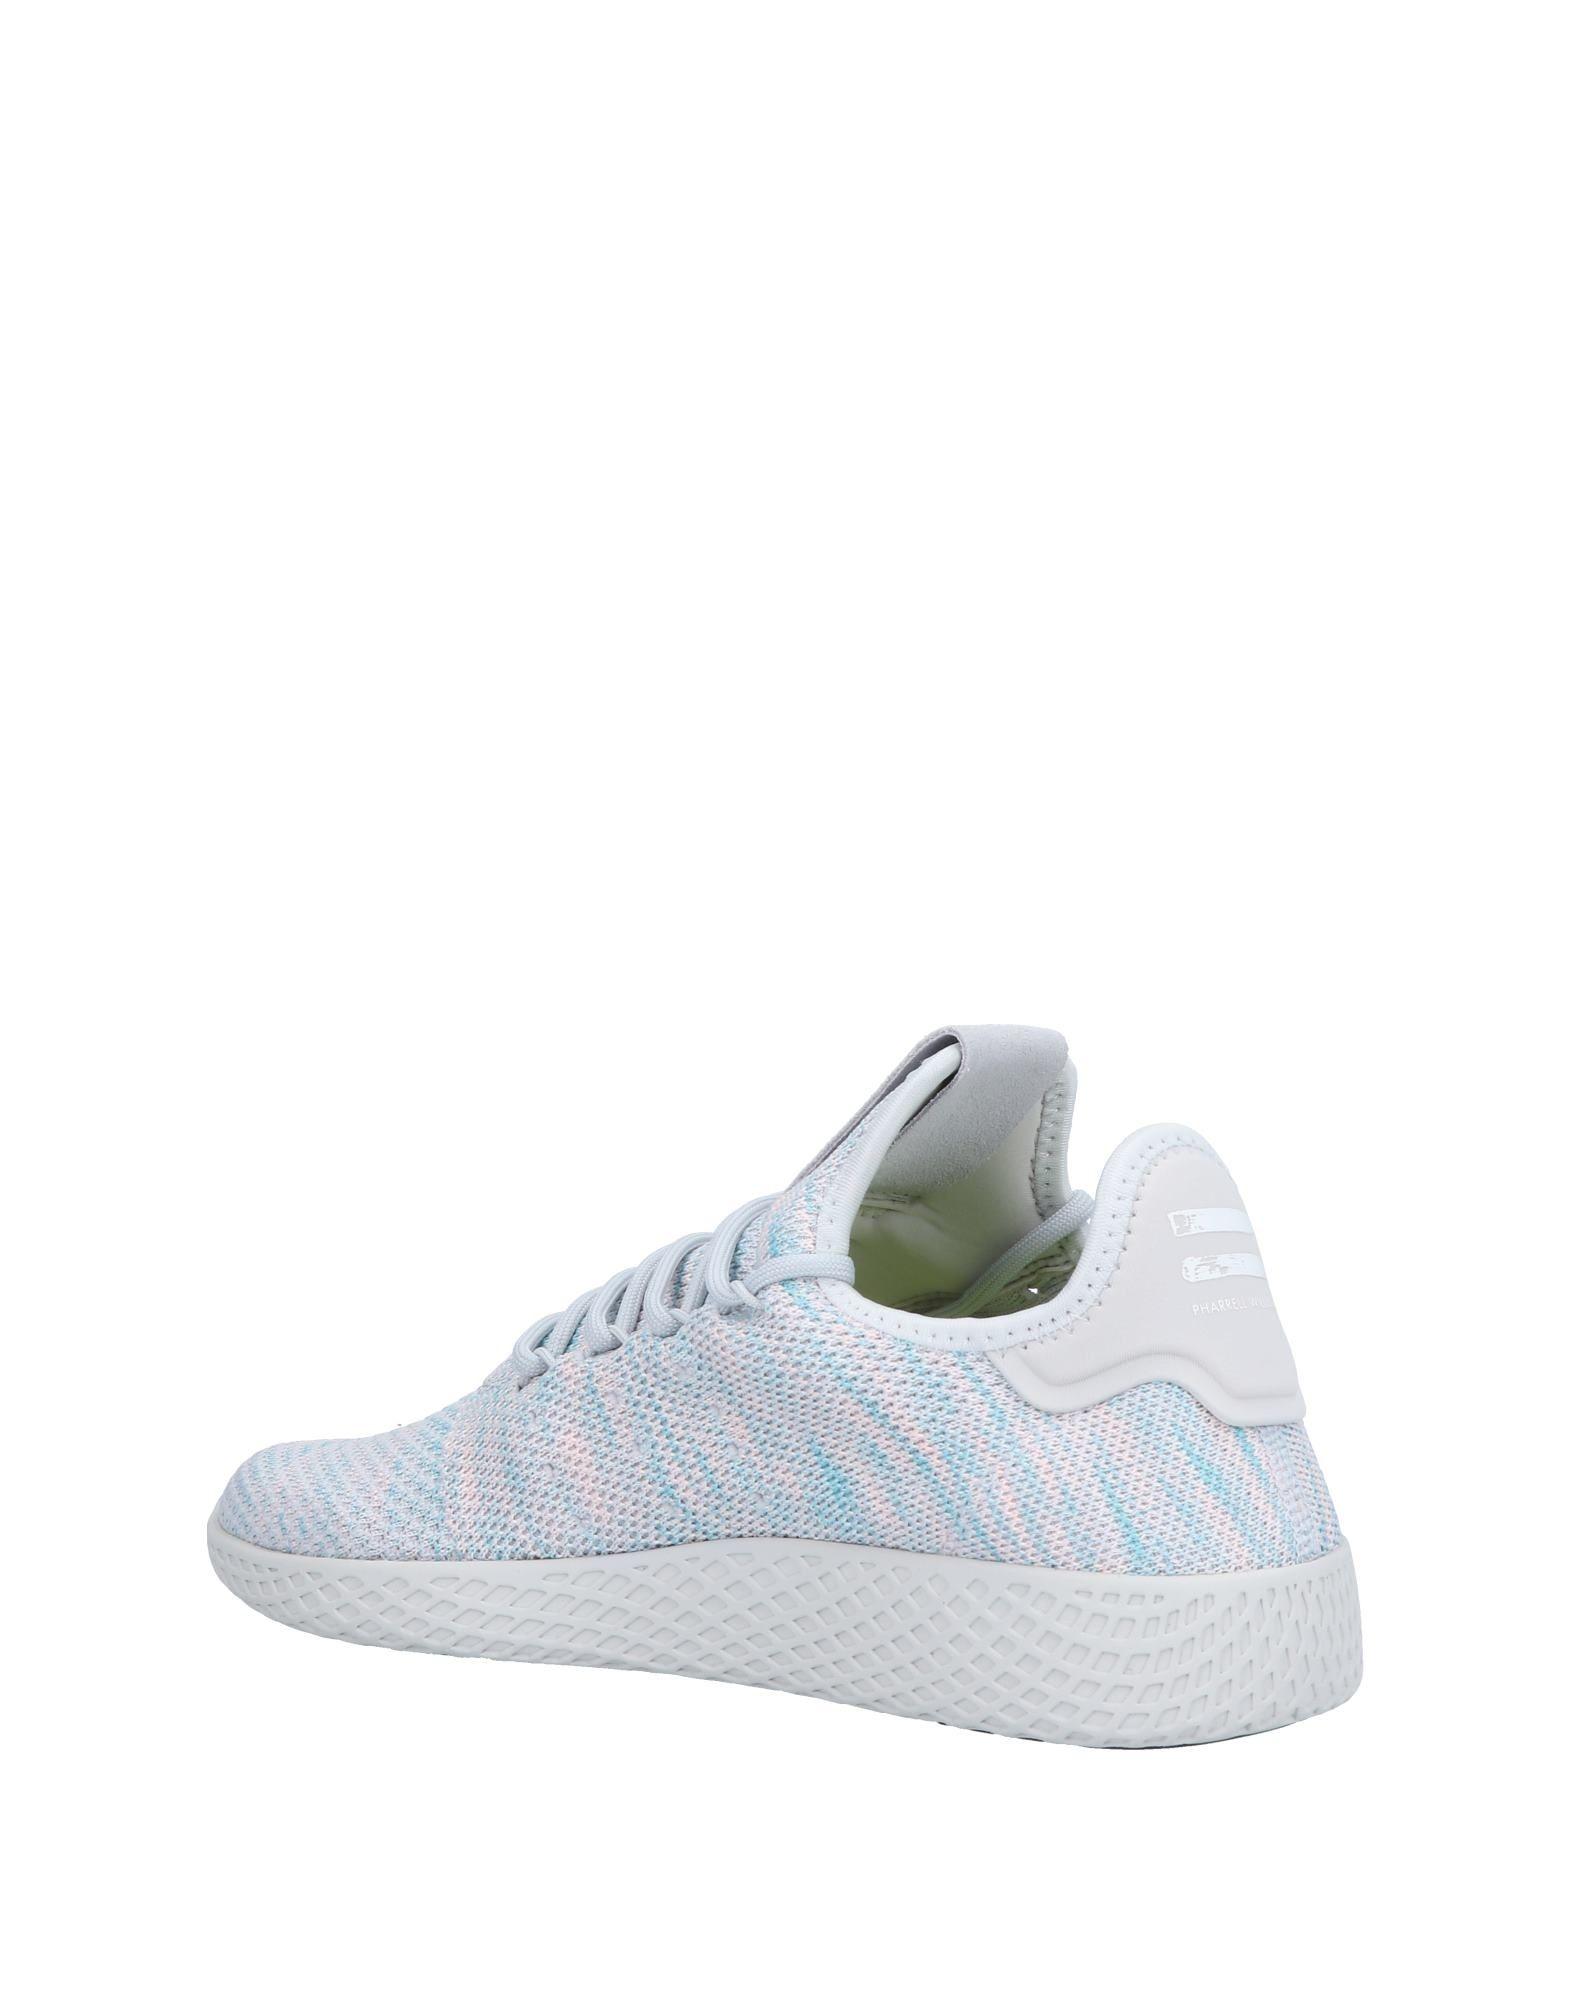 Rabatt echte Schuhe Williams Adidas Originals By Pharrell Williams Schuhe Sneakers Herren  11466048JB 06cfef